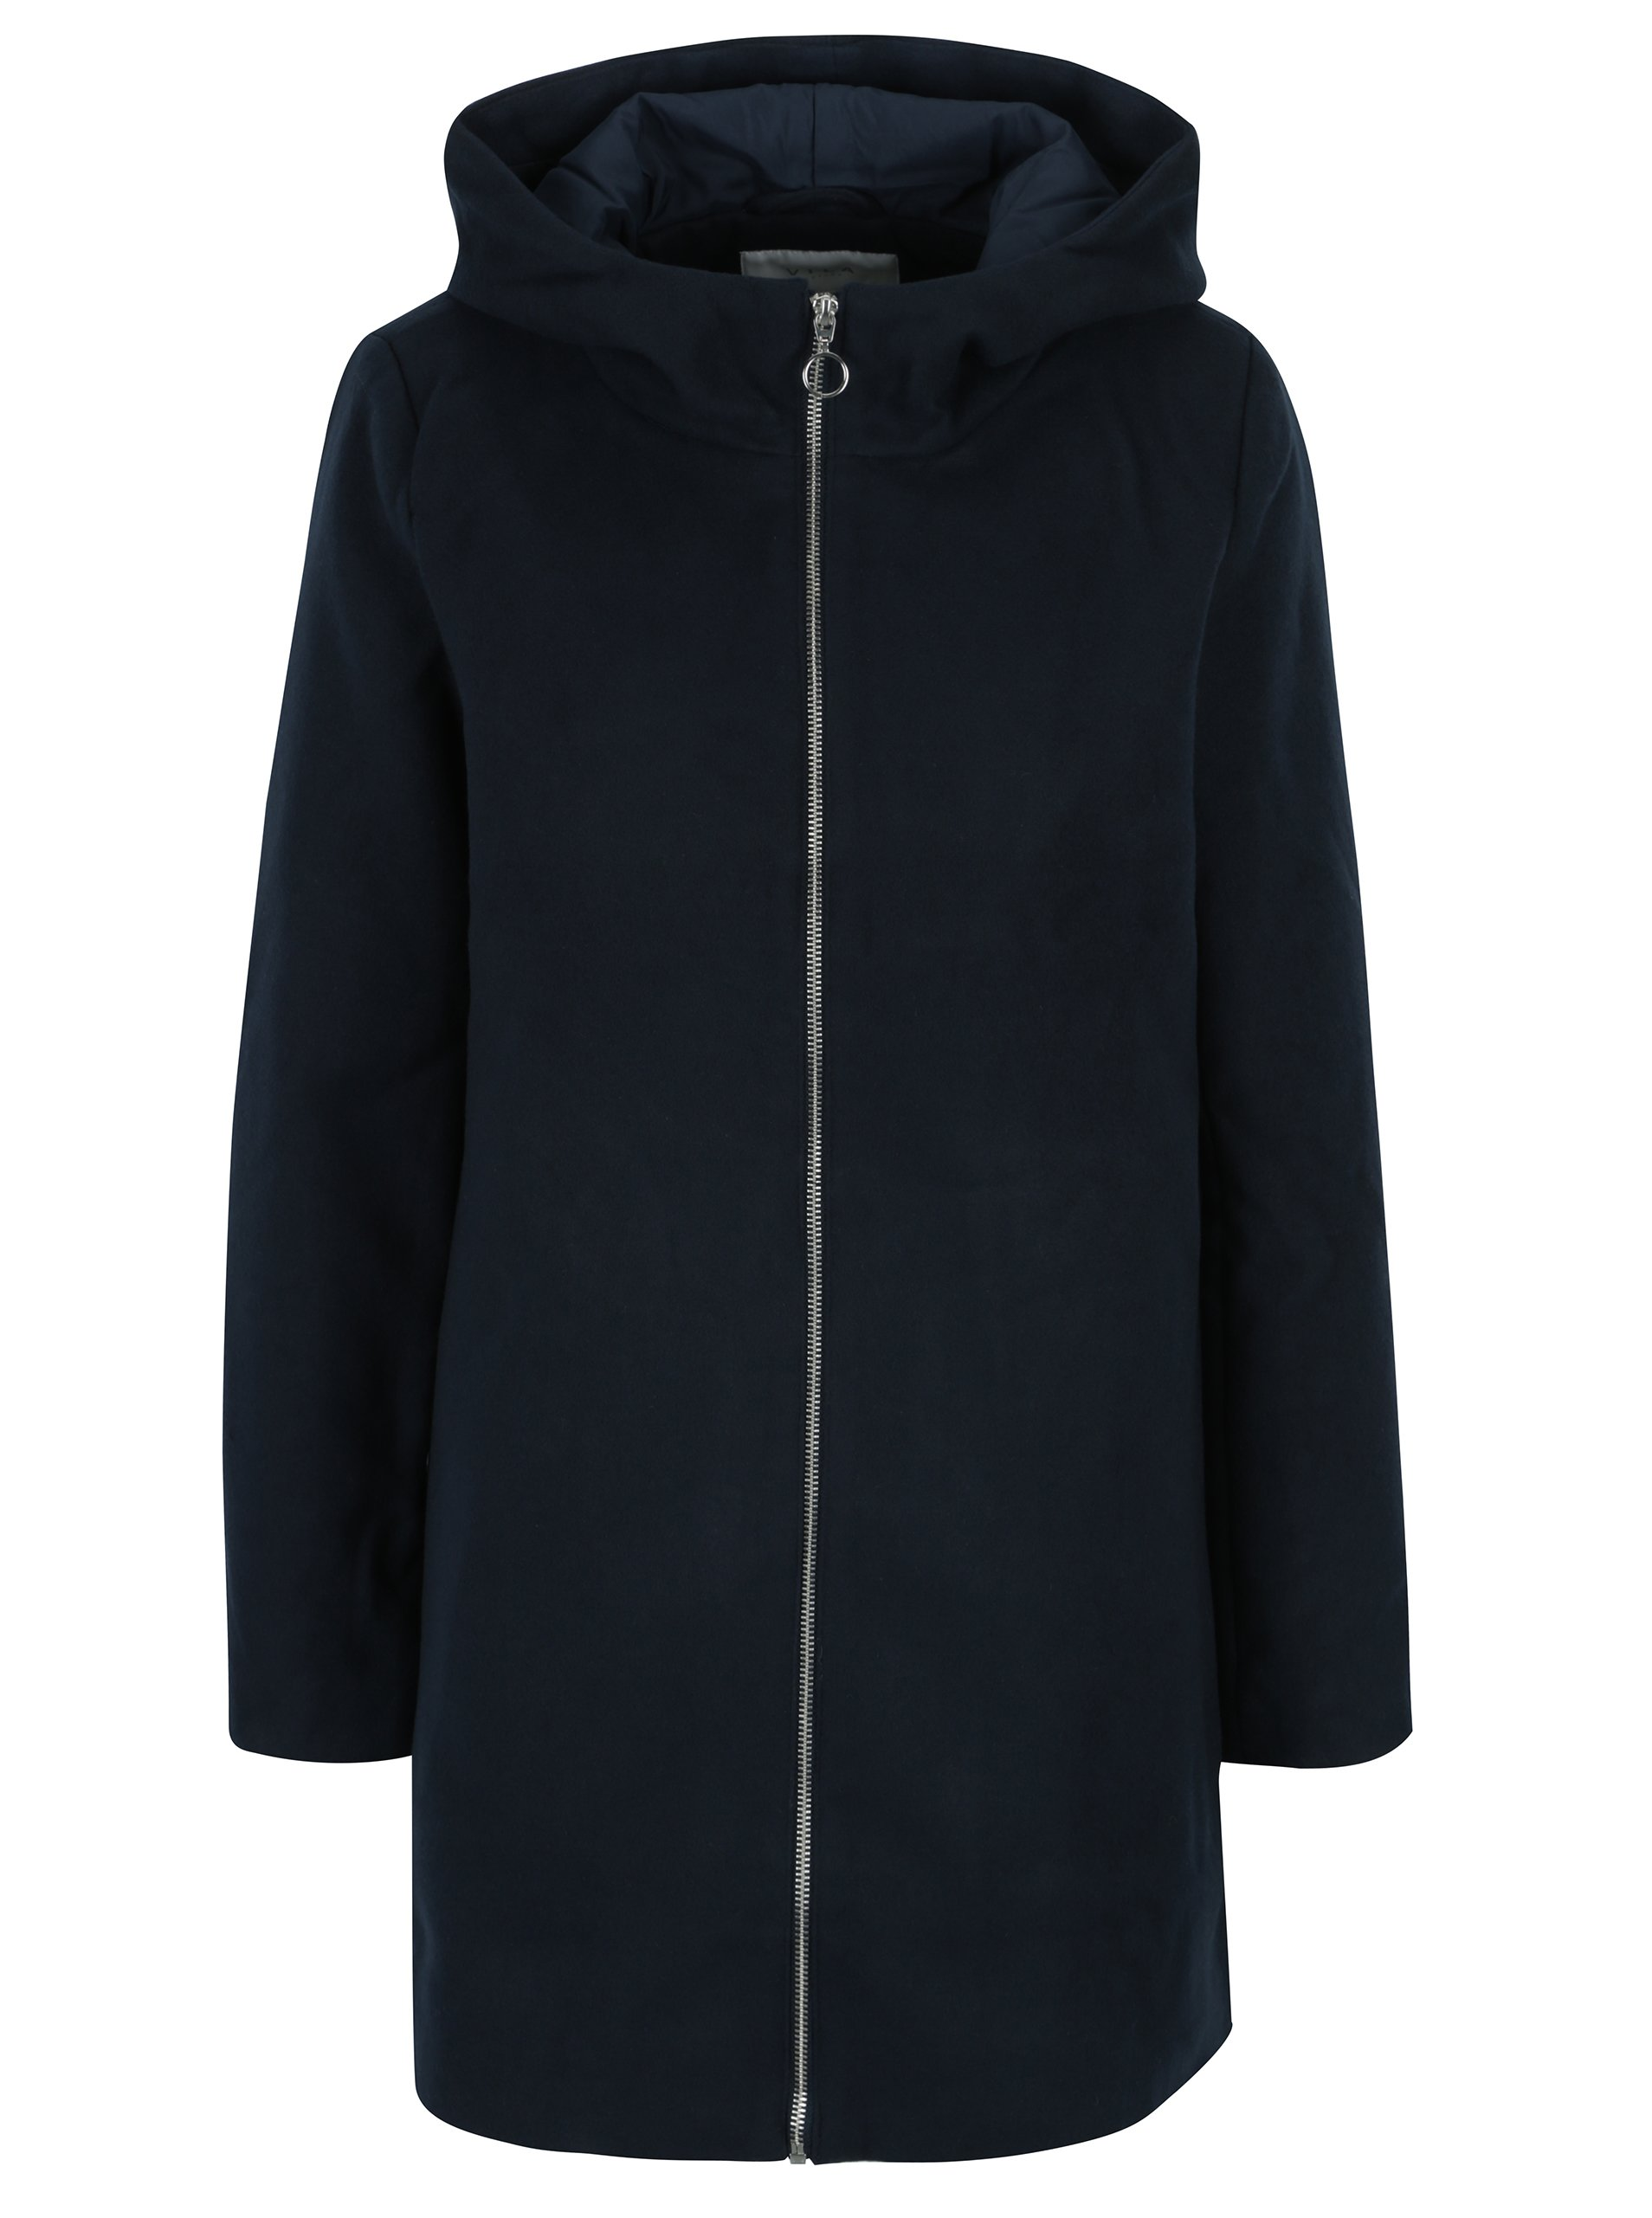 Tmavě modrý kabát s kapucí VILA Daniella